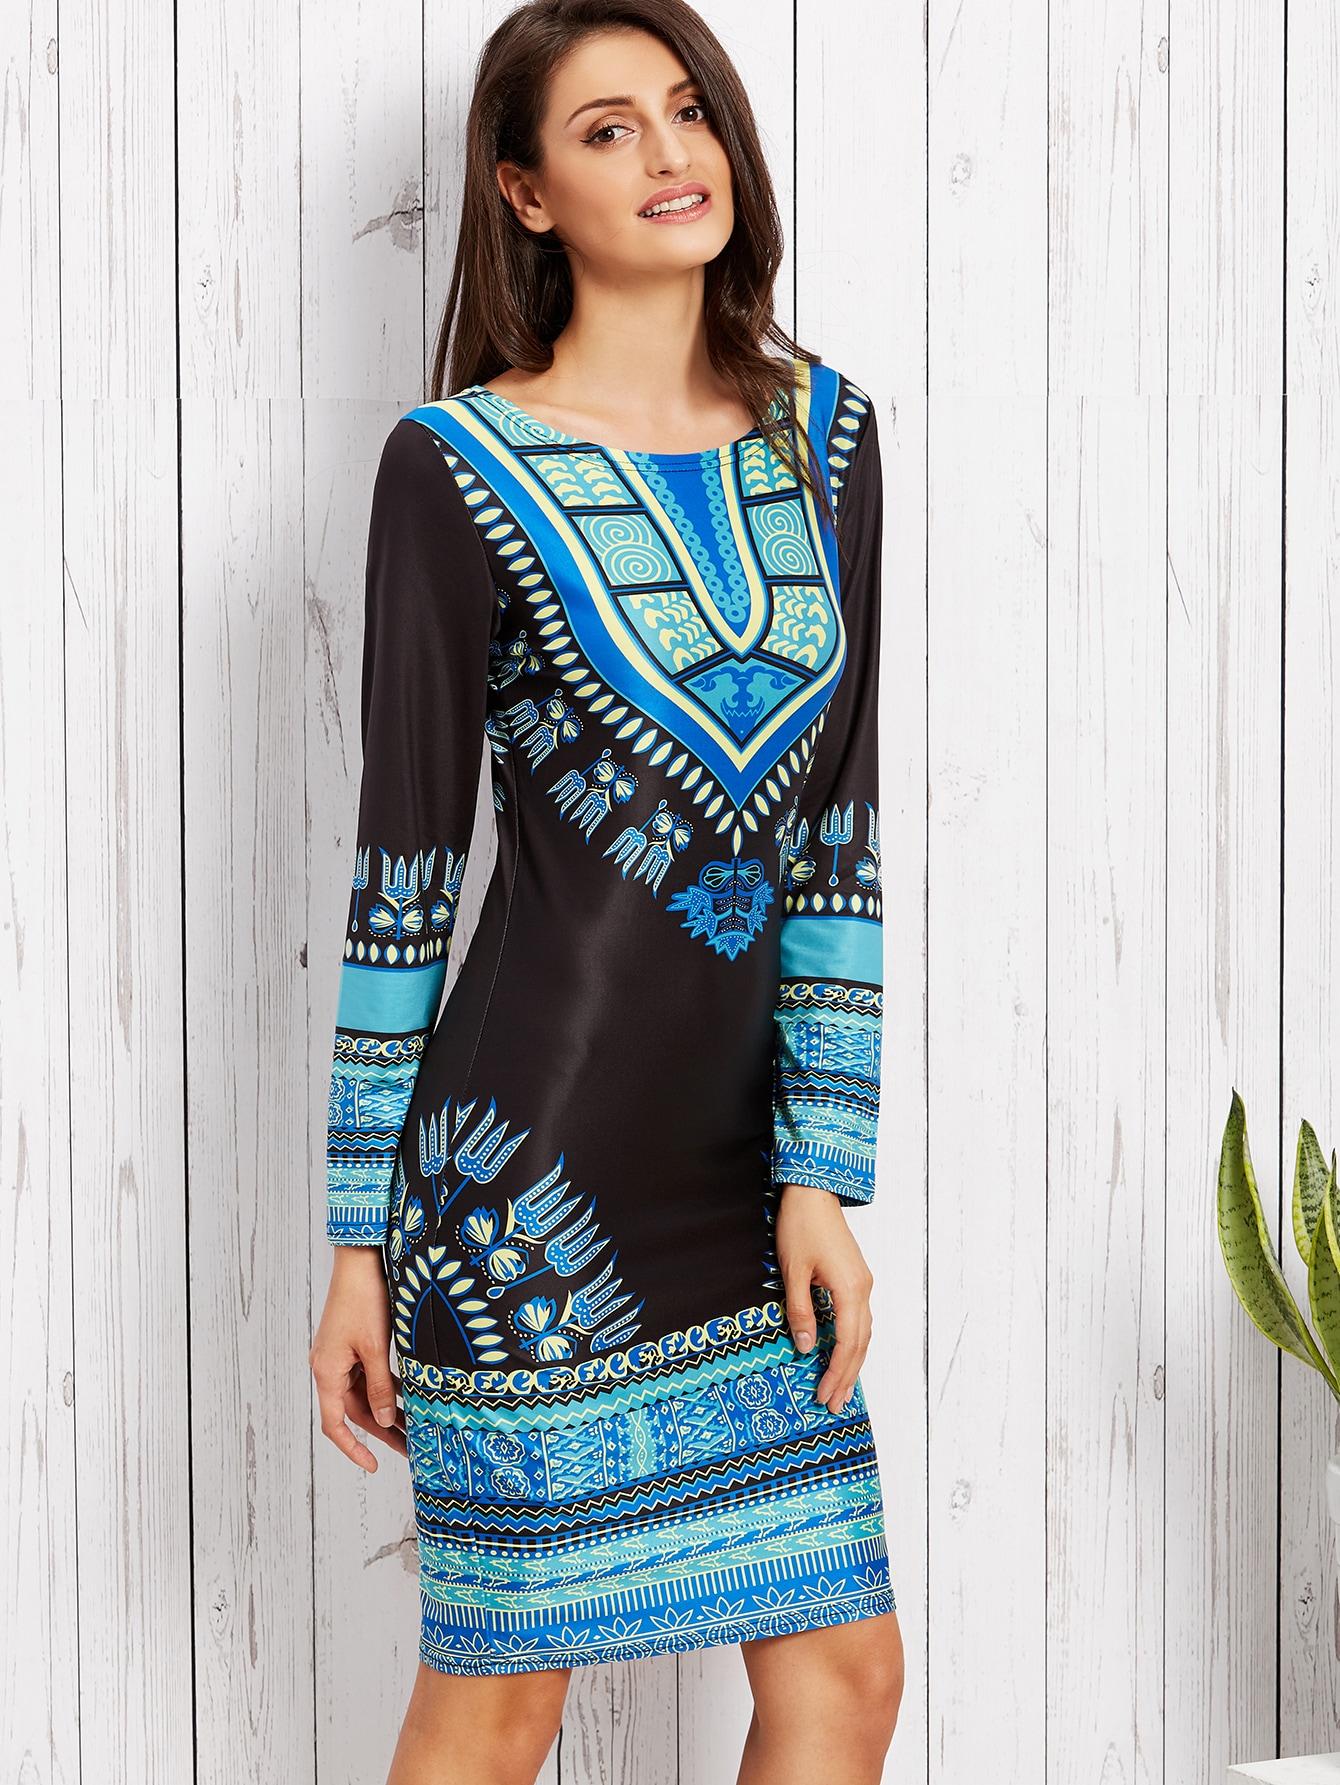 dress160815121_2